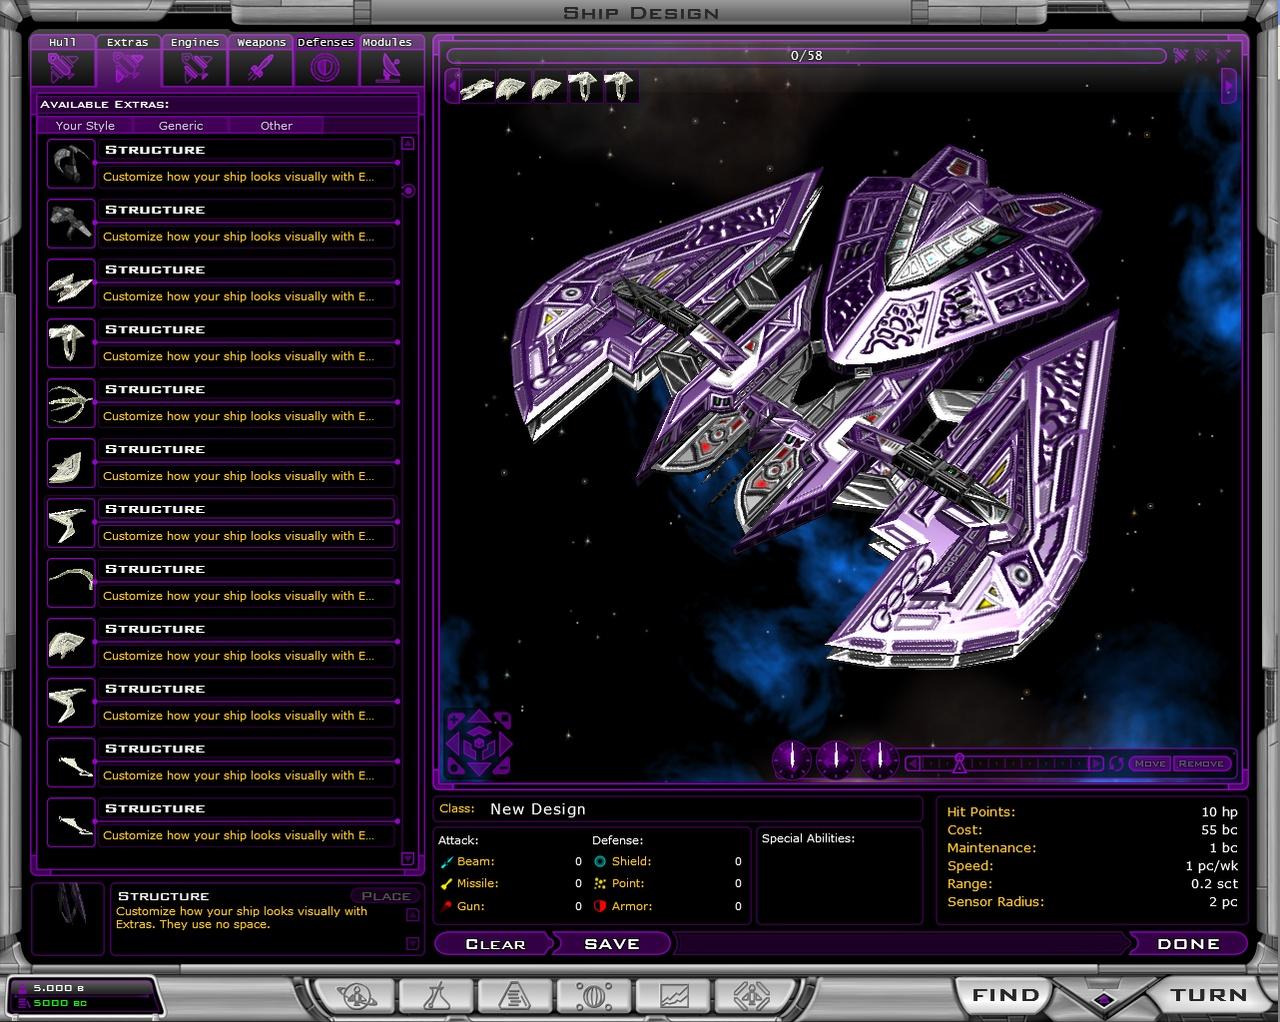 Фото galactic civilizations ii: dark avatar могут дать больше представления об игре